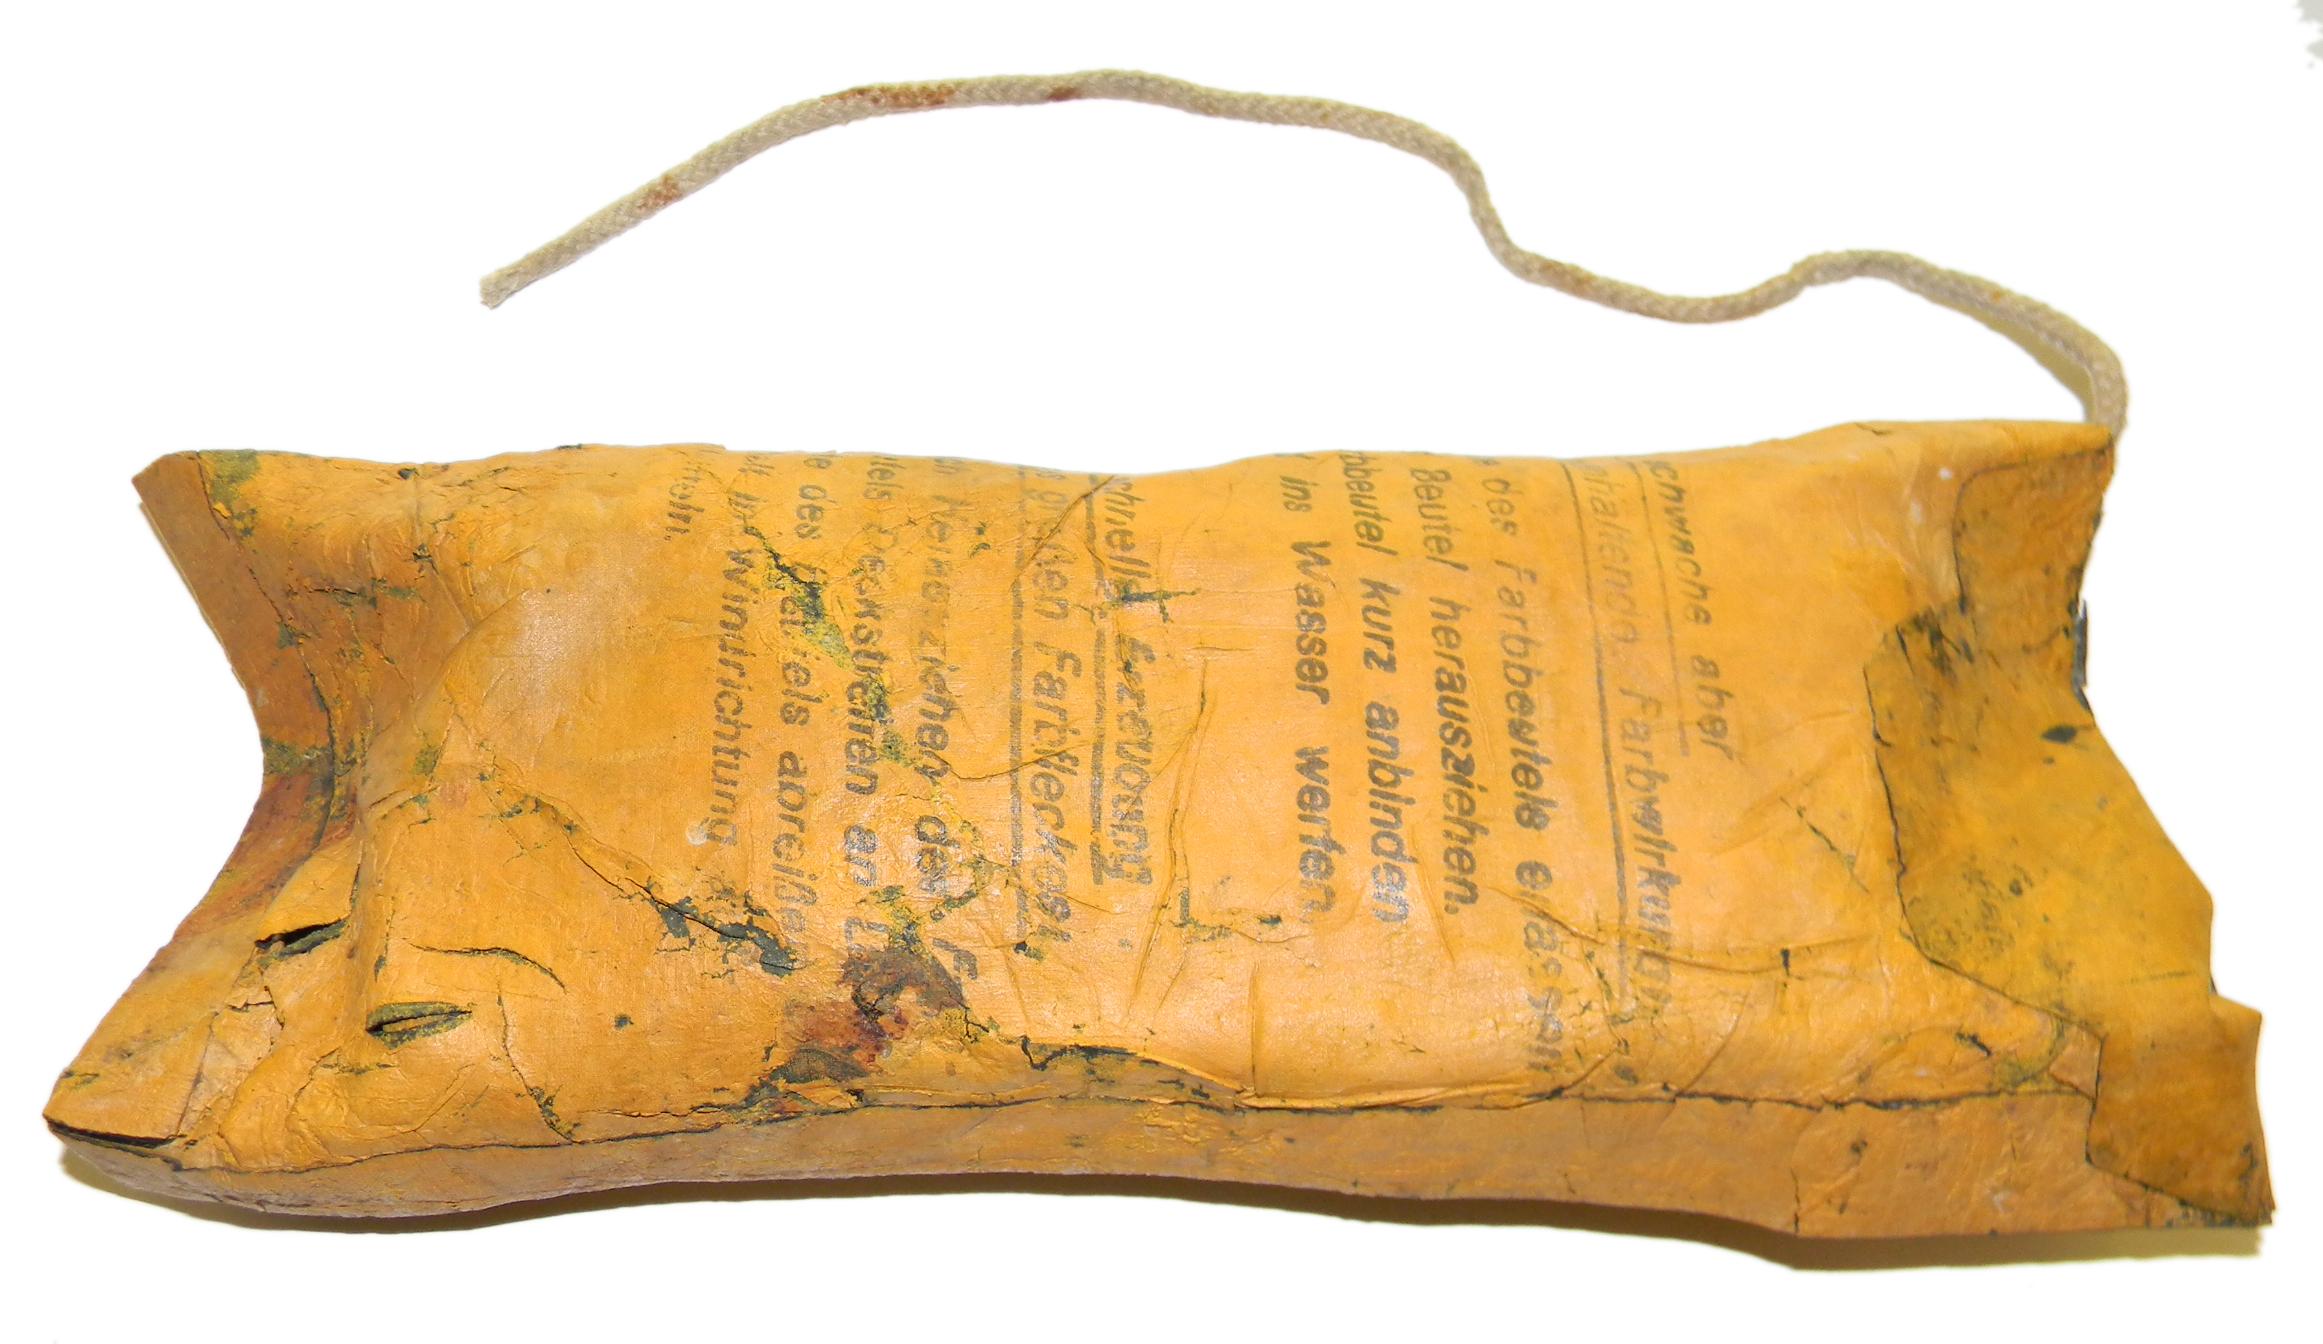 LW Farbbeutel dye pack second type